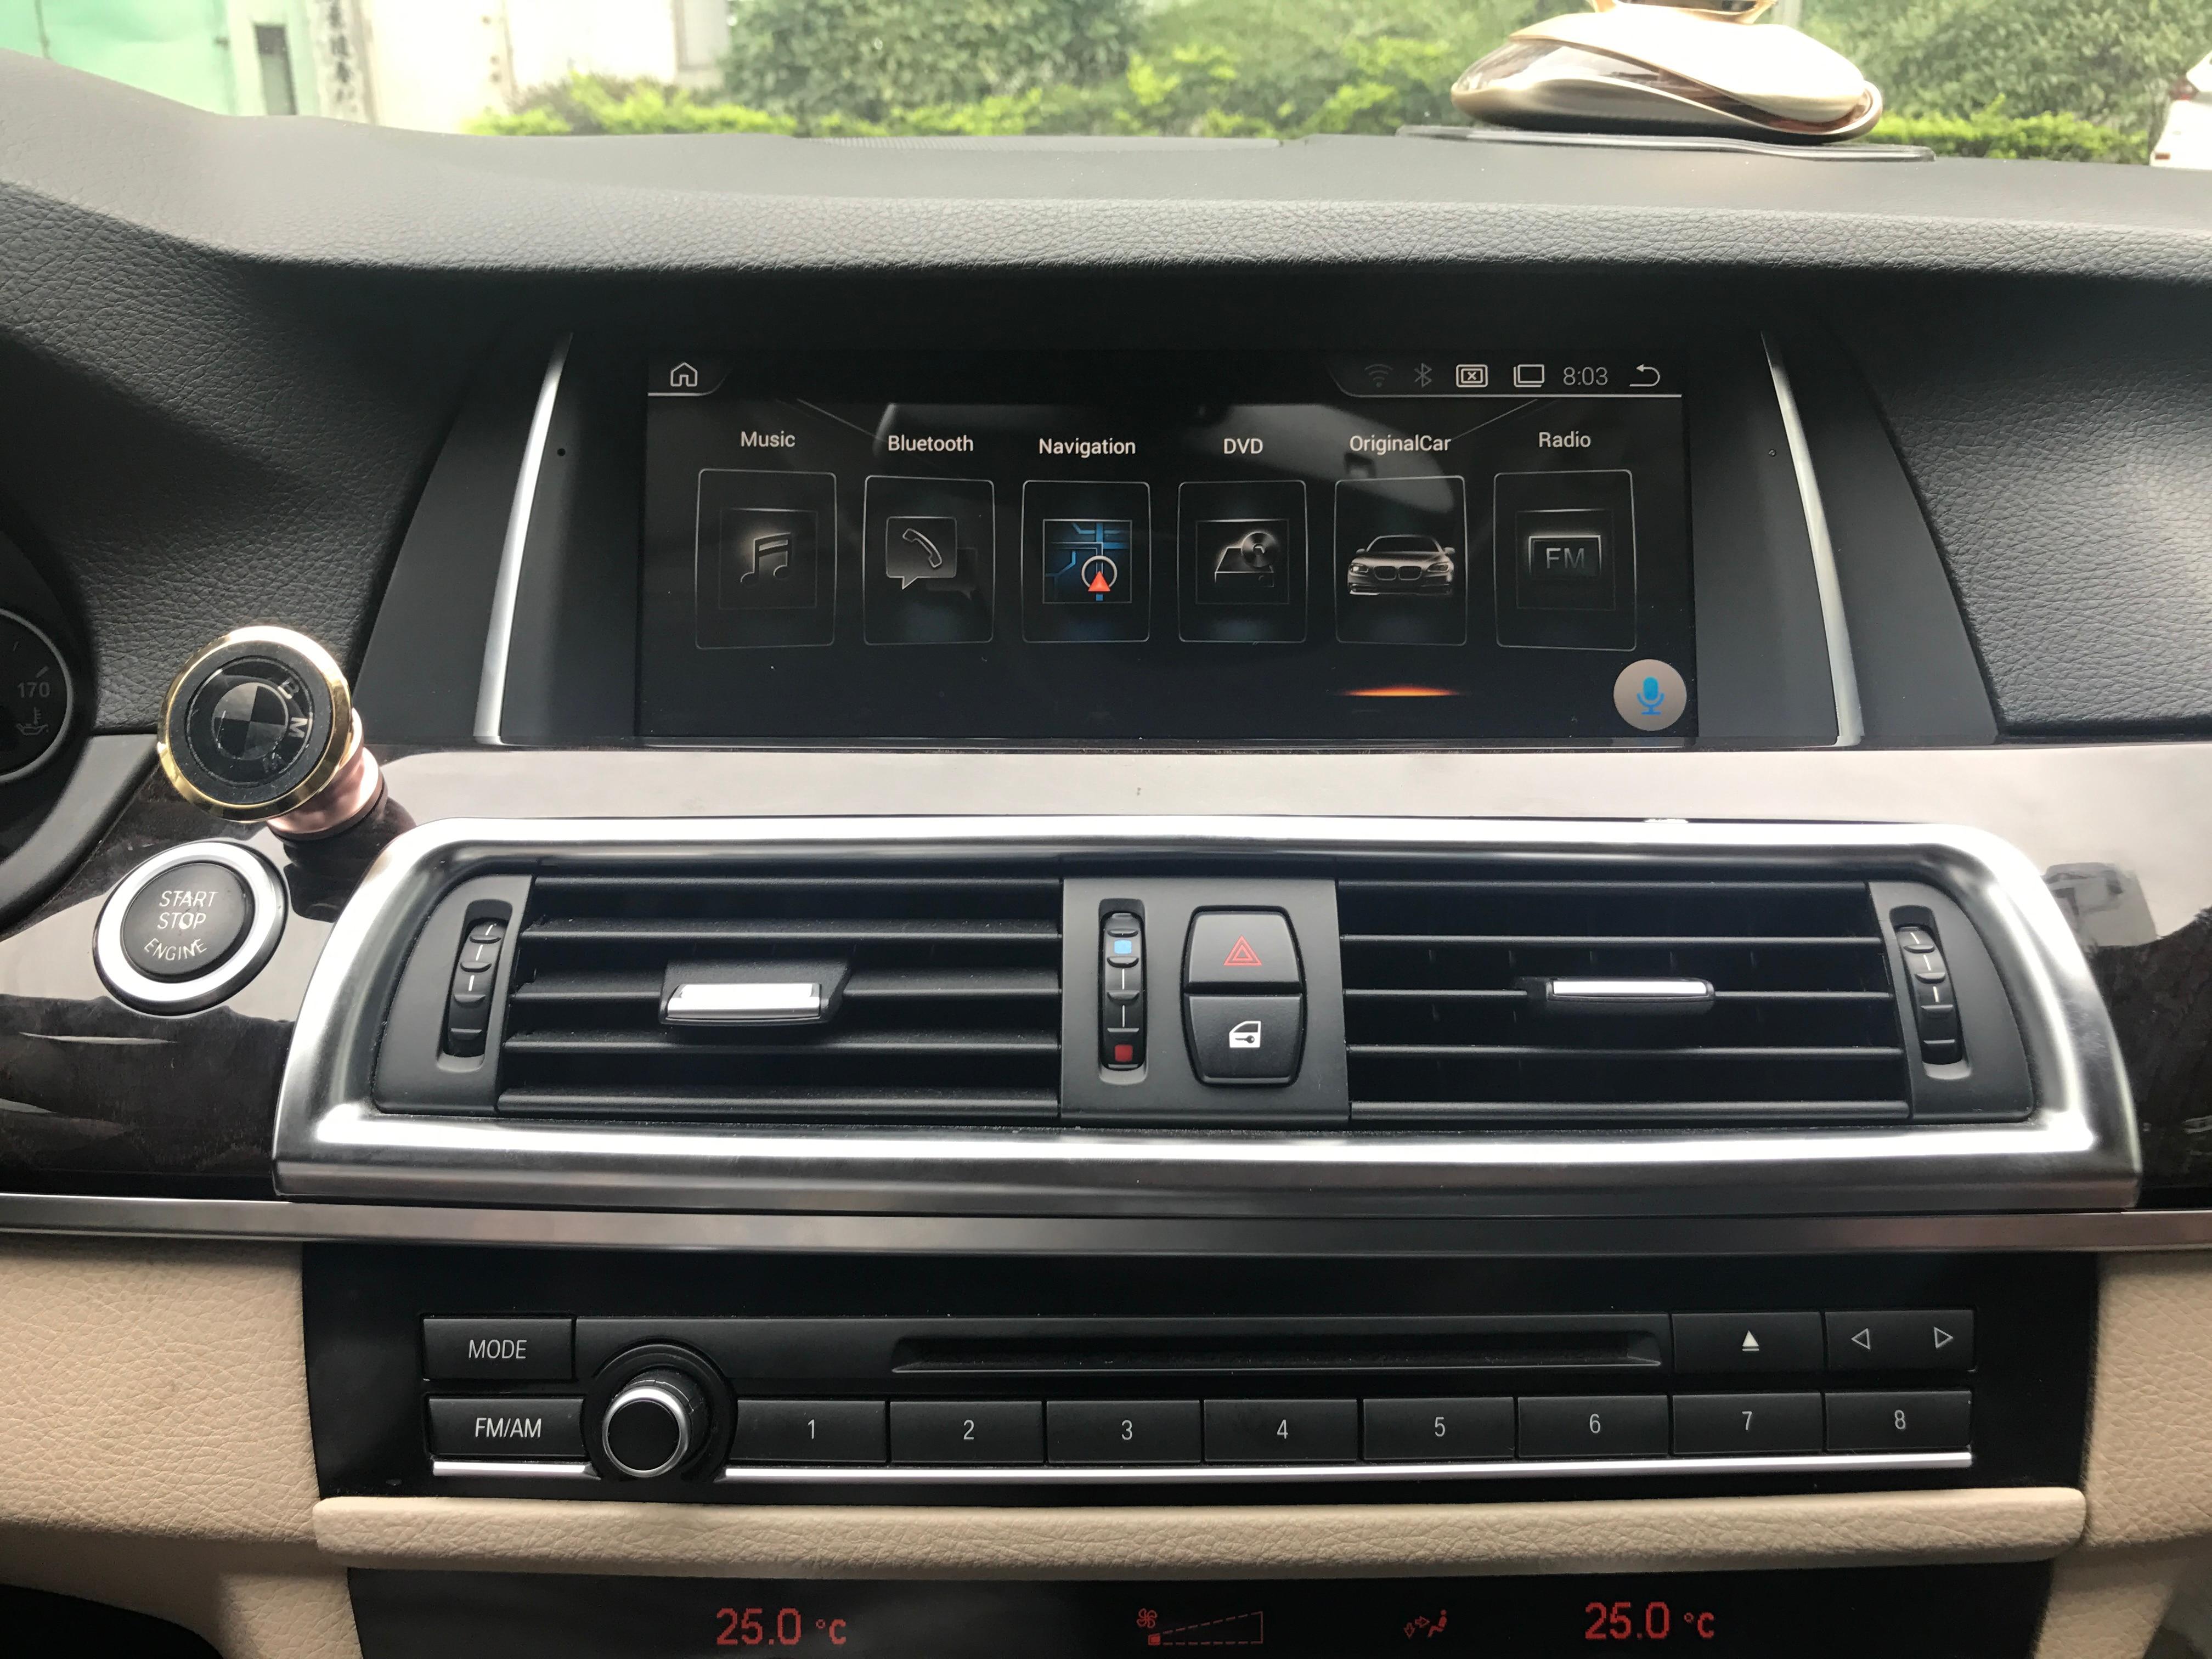 Lecteur multimédia de voiture Chogath 10.25 pouces système android Radio de voiture Navigation GPS pour BMW série 5 F10/F11 (2011-2012 CIC